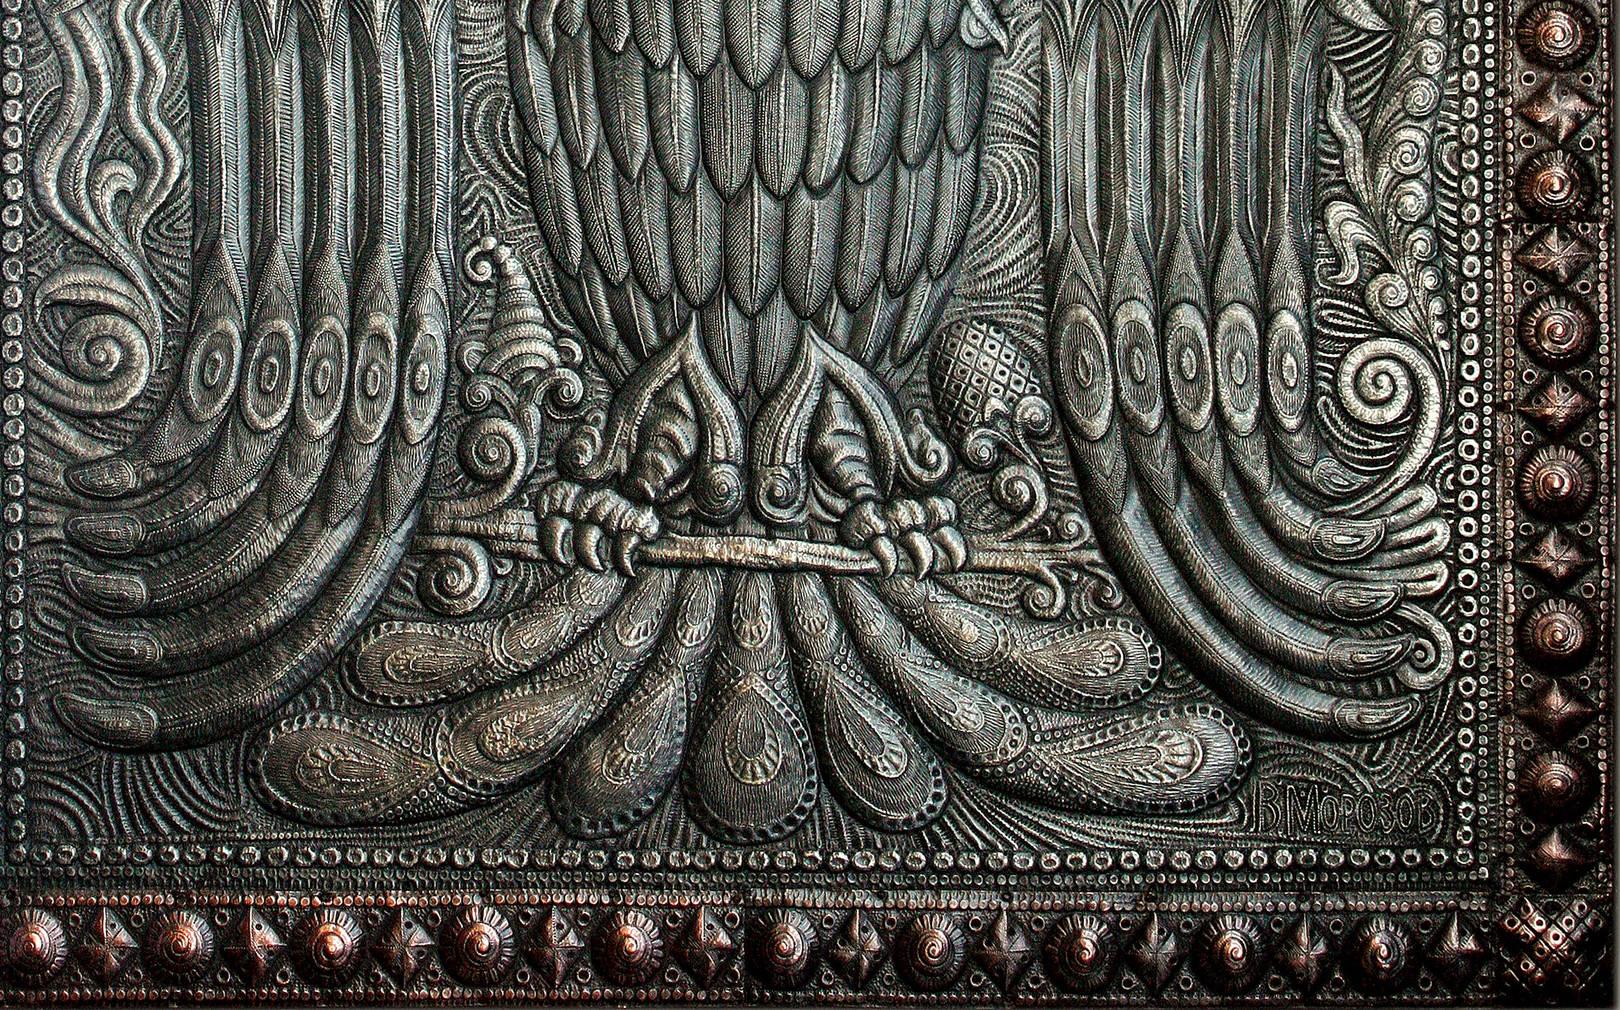 Триглава (фрагмент панно) 2013 г. Алюминий, медь; чернение  91 х 71 см